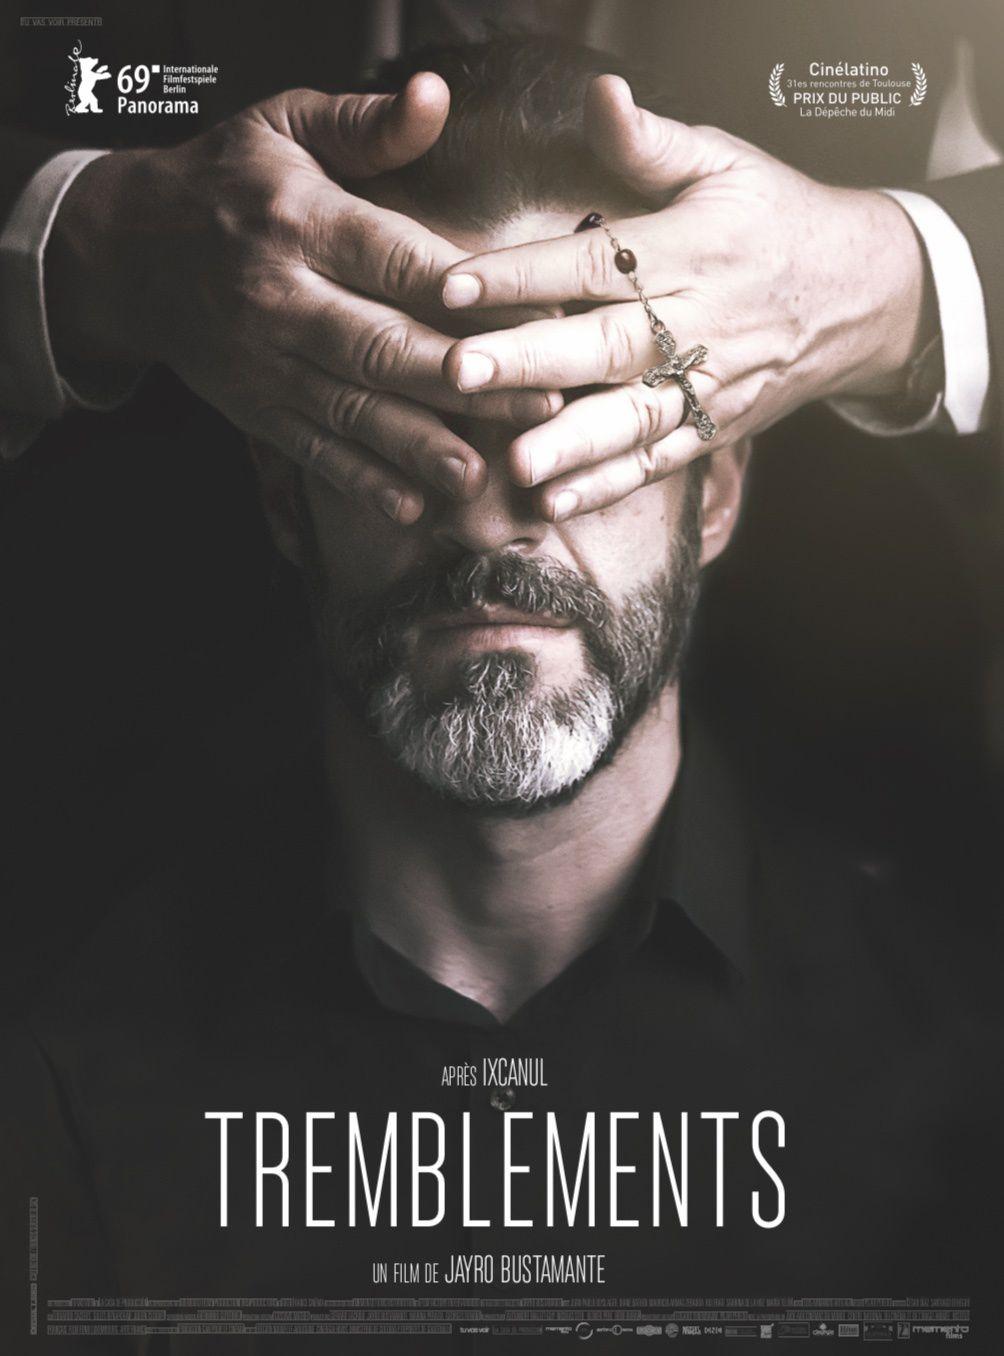 Bande-annonce du film Tremblements, de Jayro Bustamante.